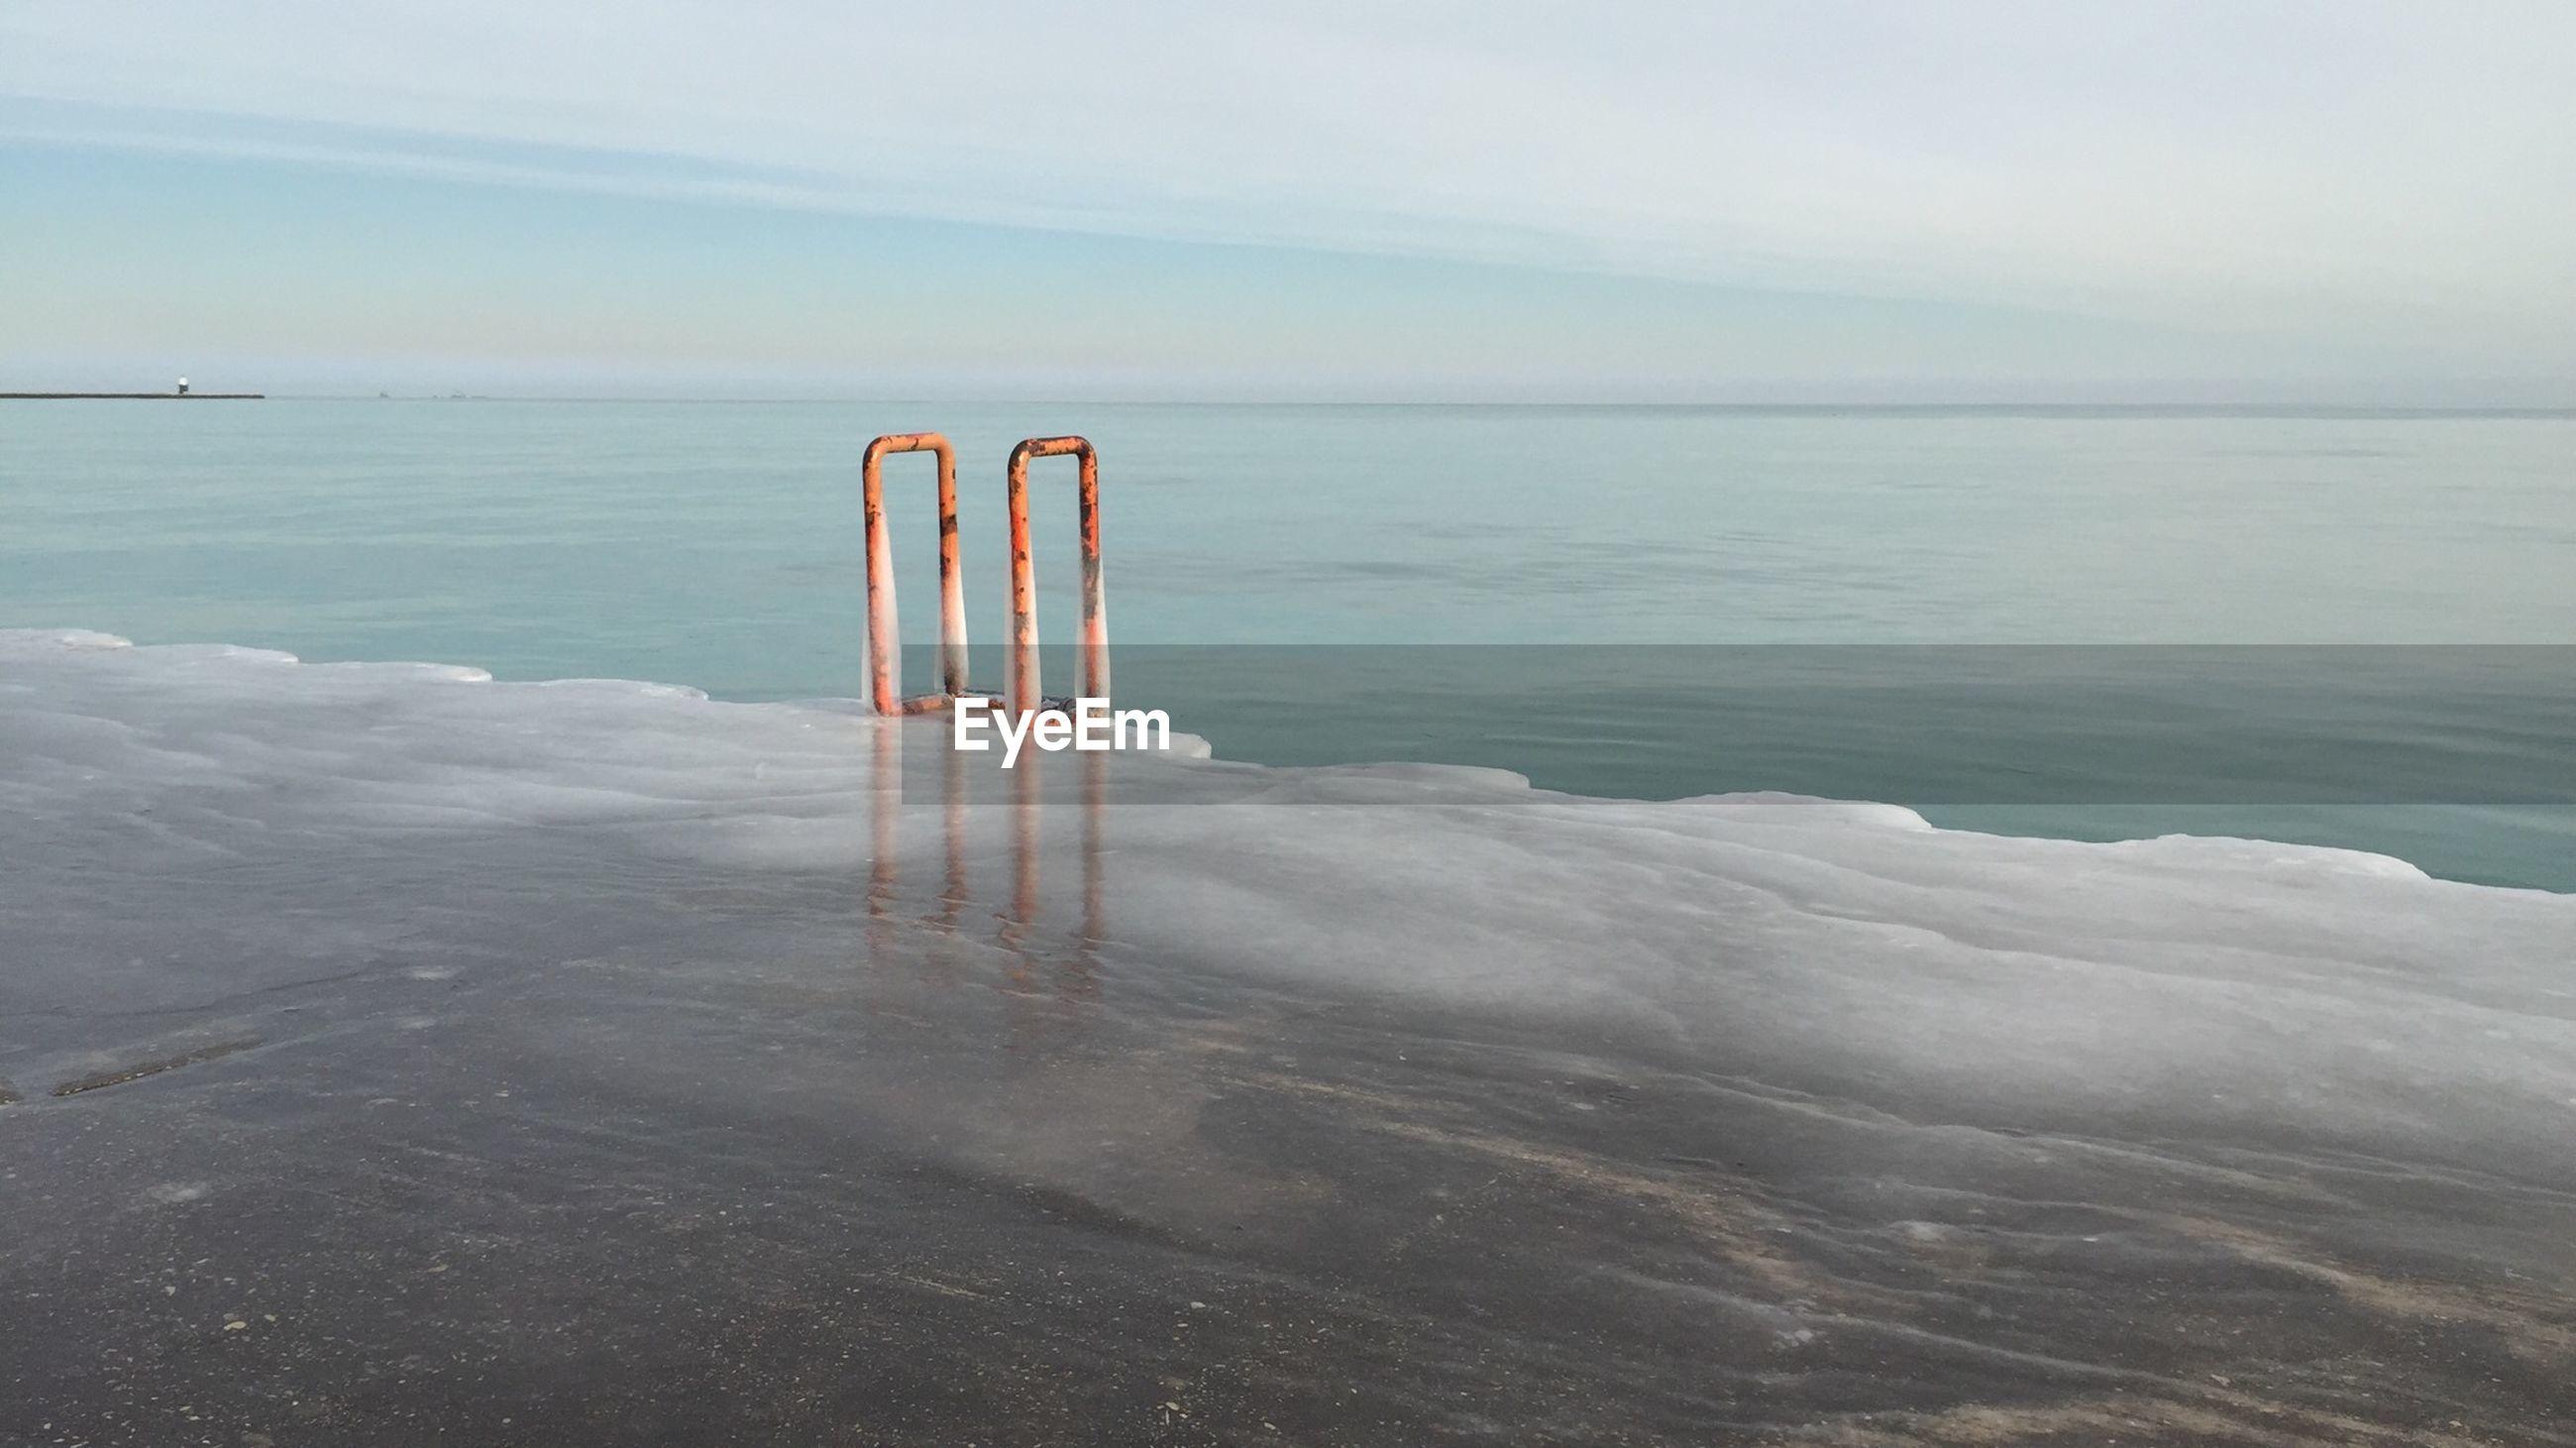 Rail on frozen pier by sea against sky